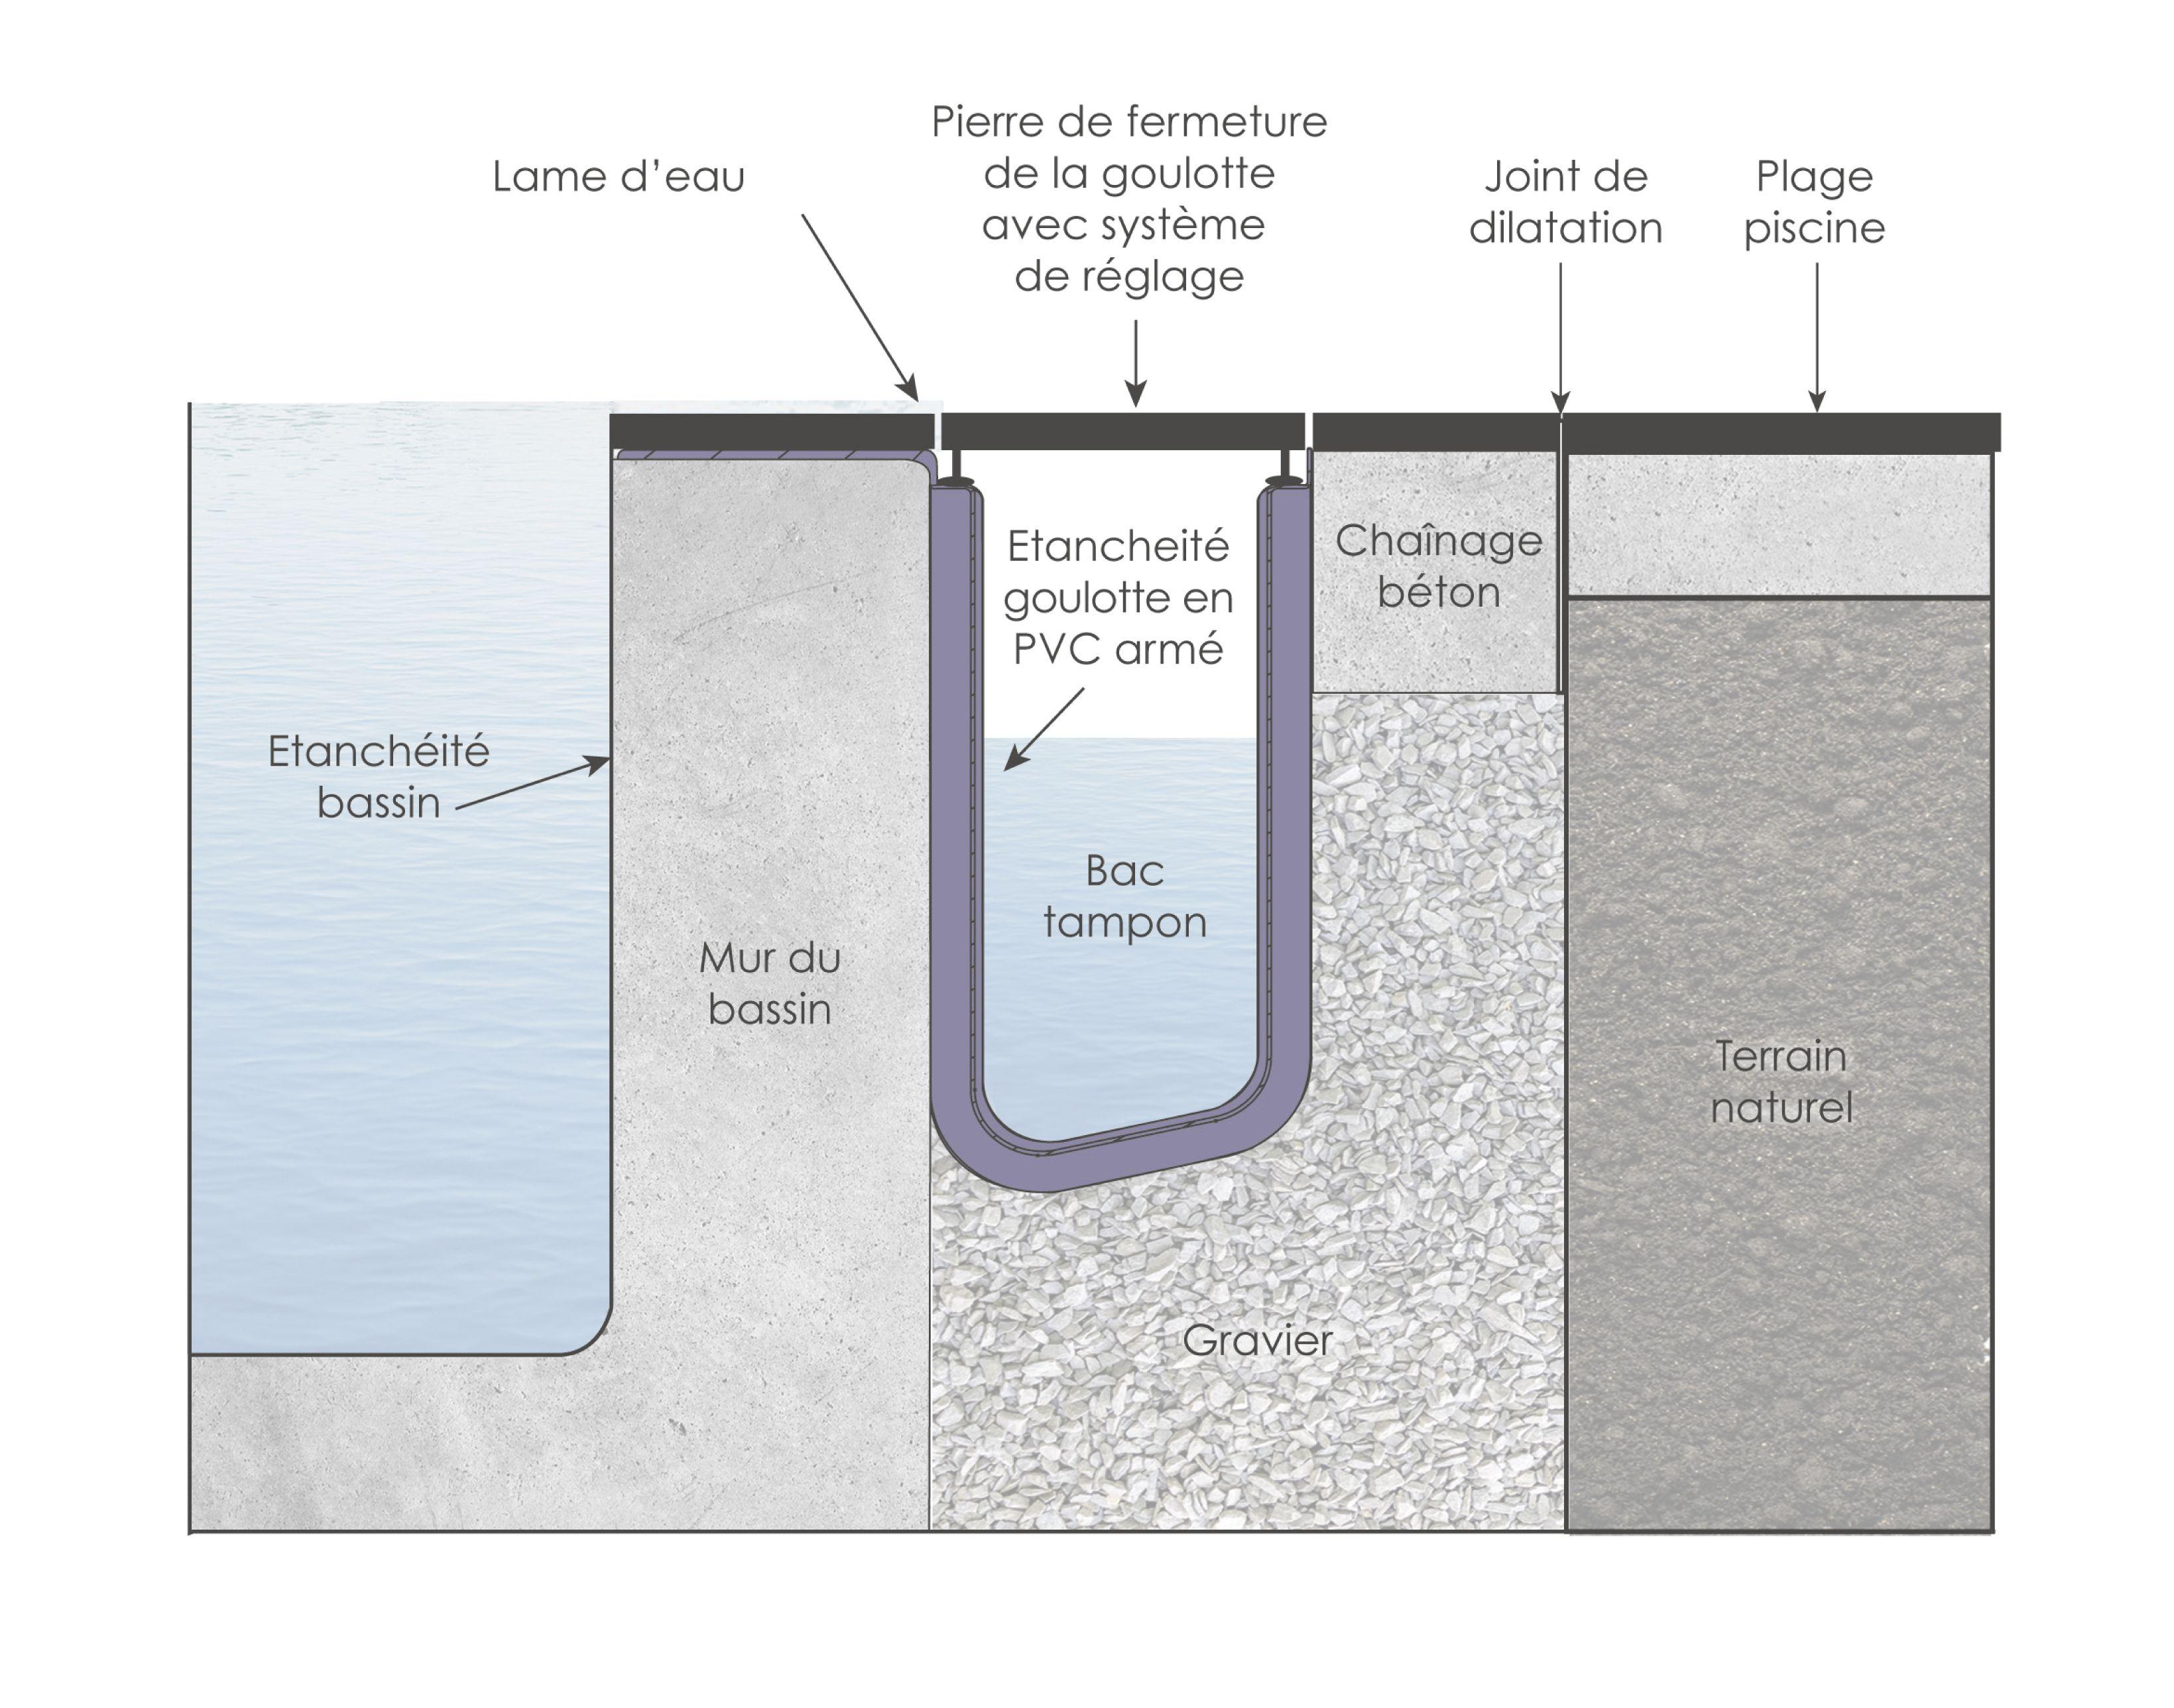 26aa34aa65eefd74c1856091a30a2bc1 Luxe De Gravier Aquarium Des Idées